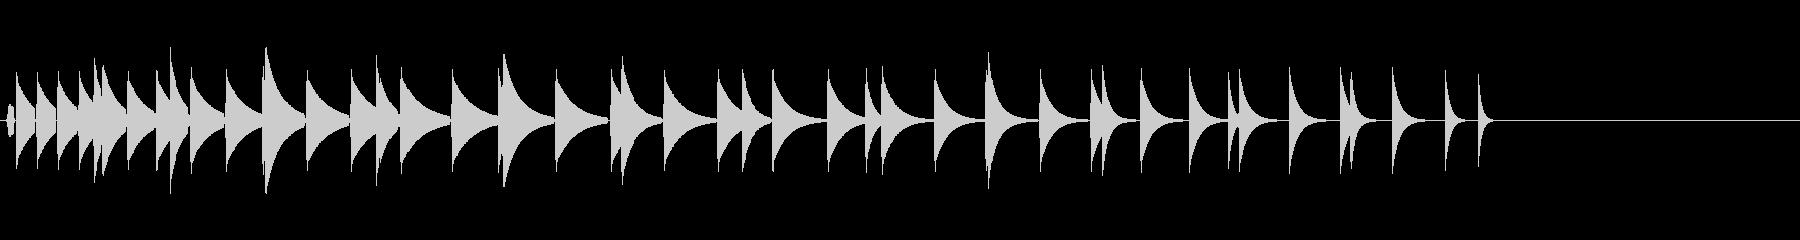 KANTクリックスクロール効果音2089の未再生の波形